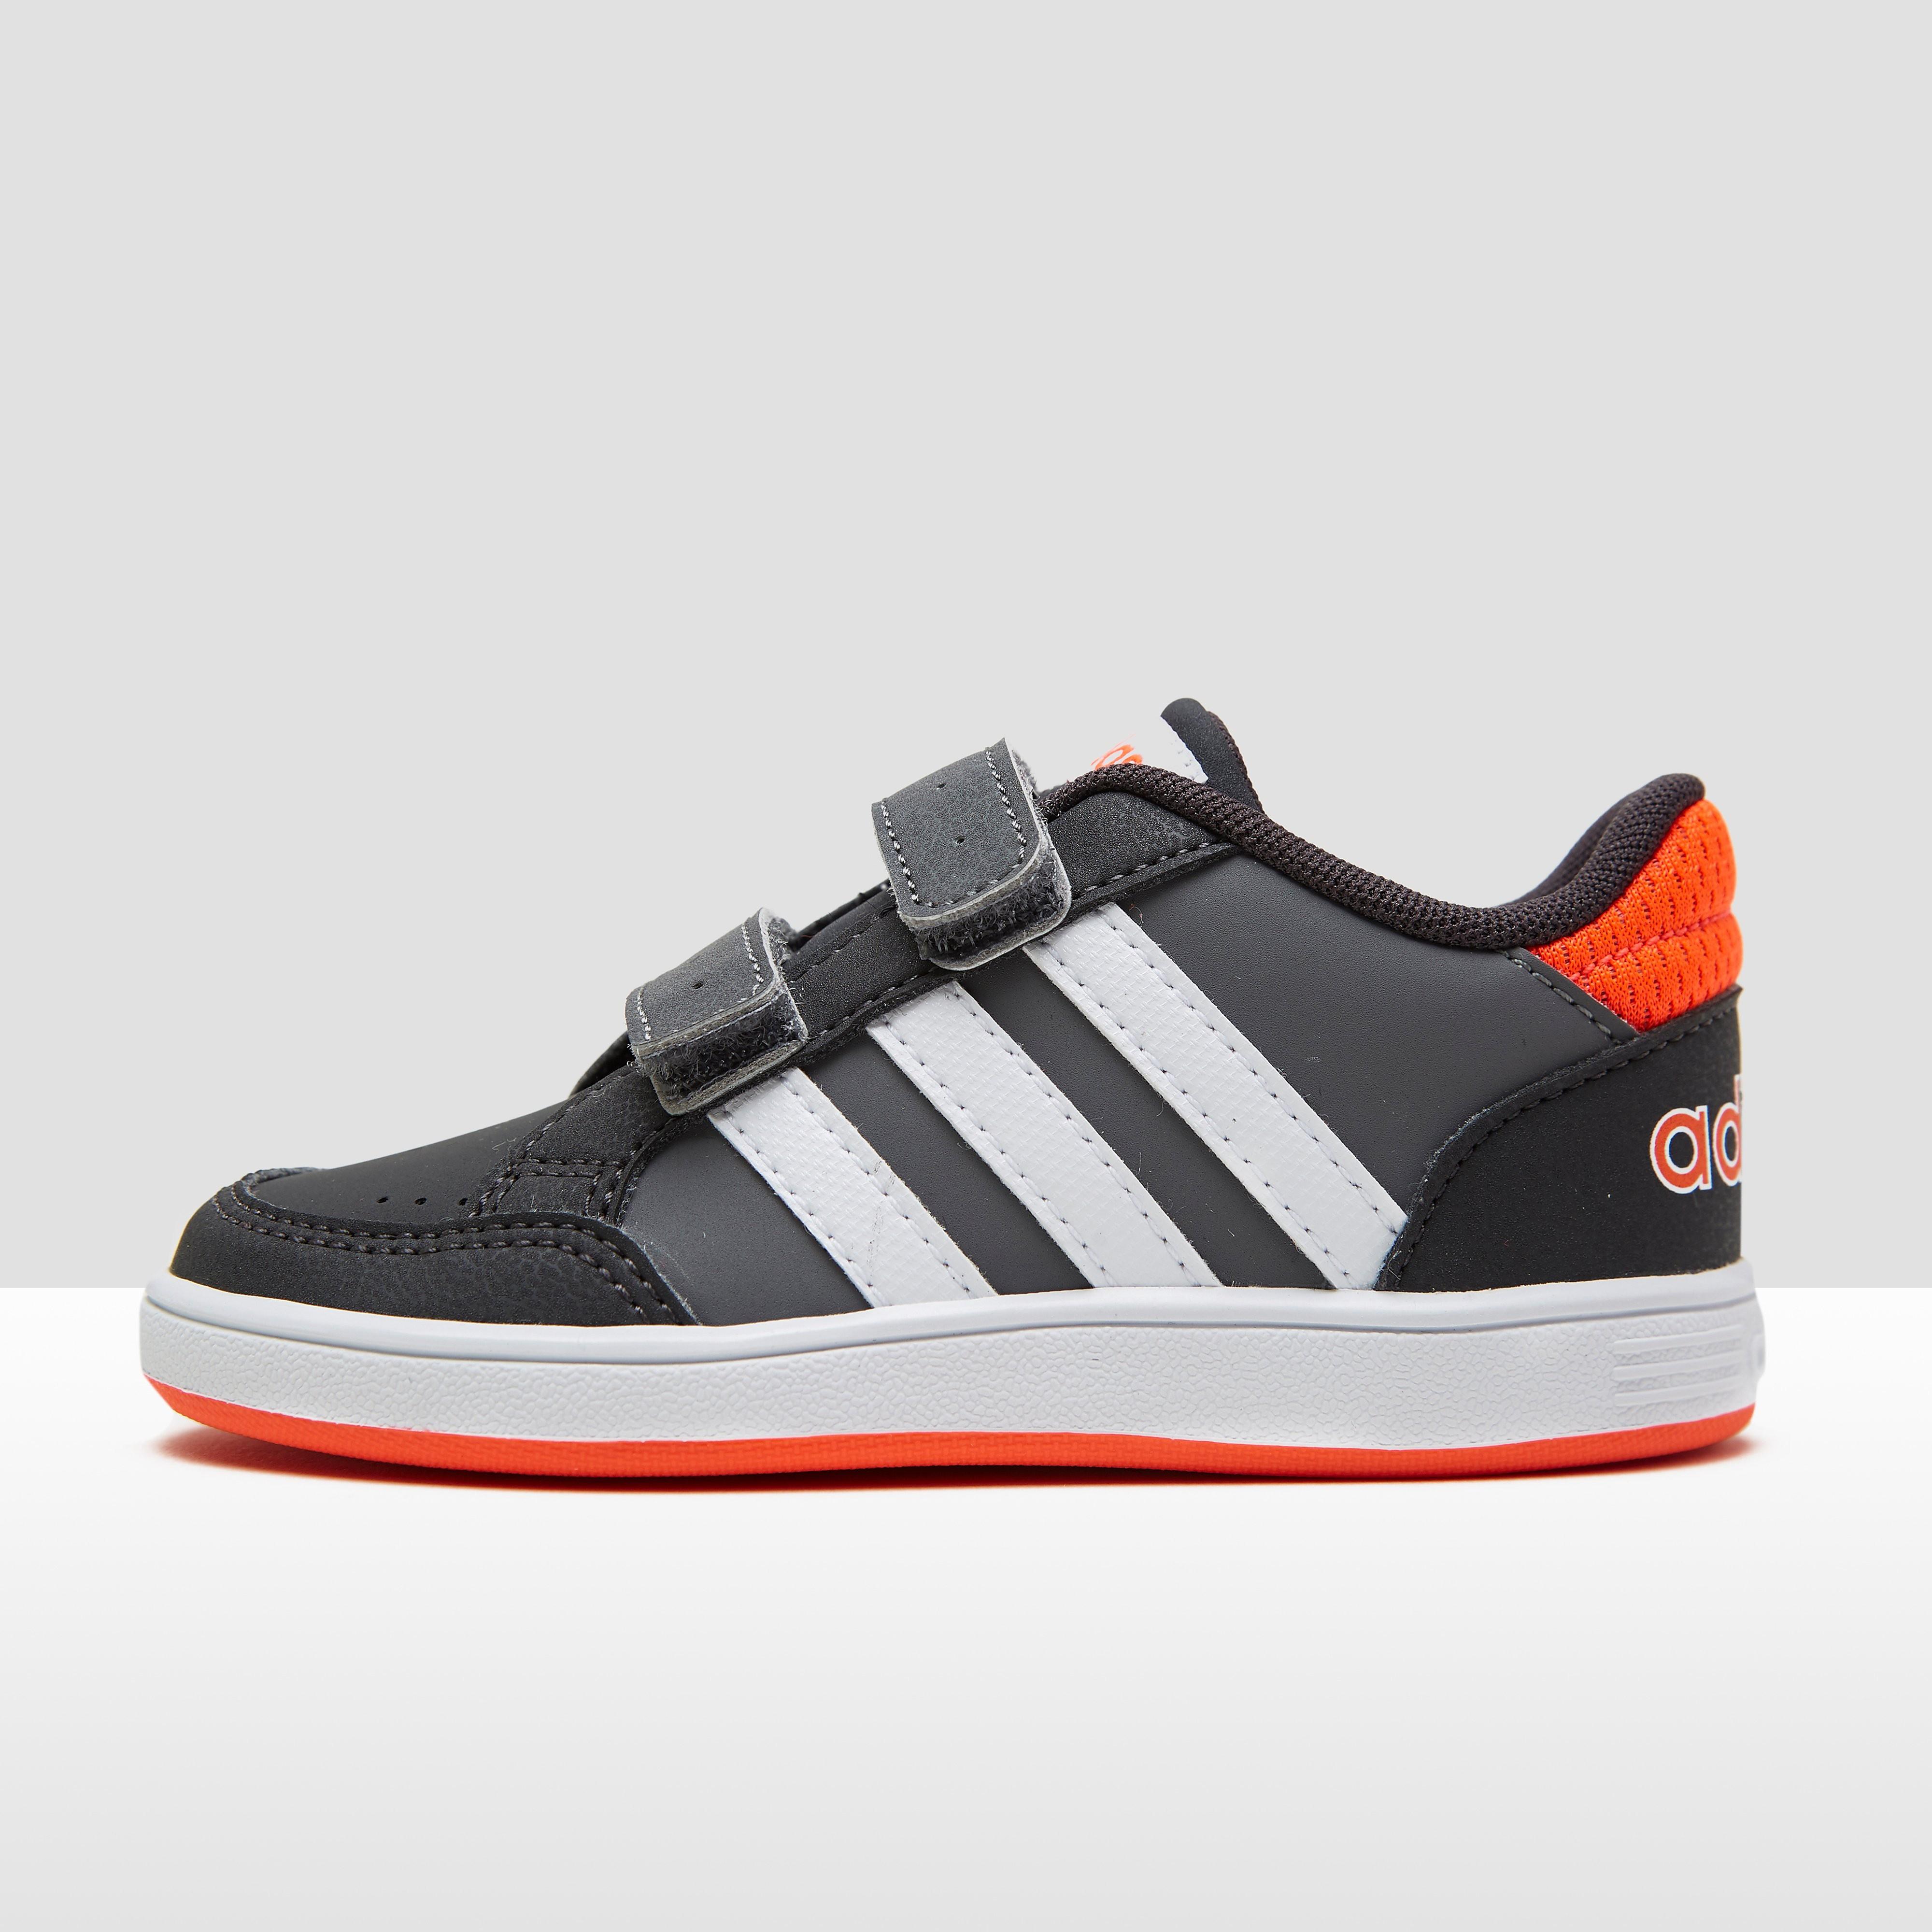 Adidas kindersneaker grijs